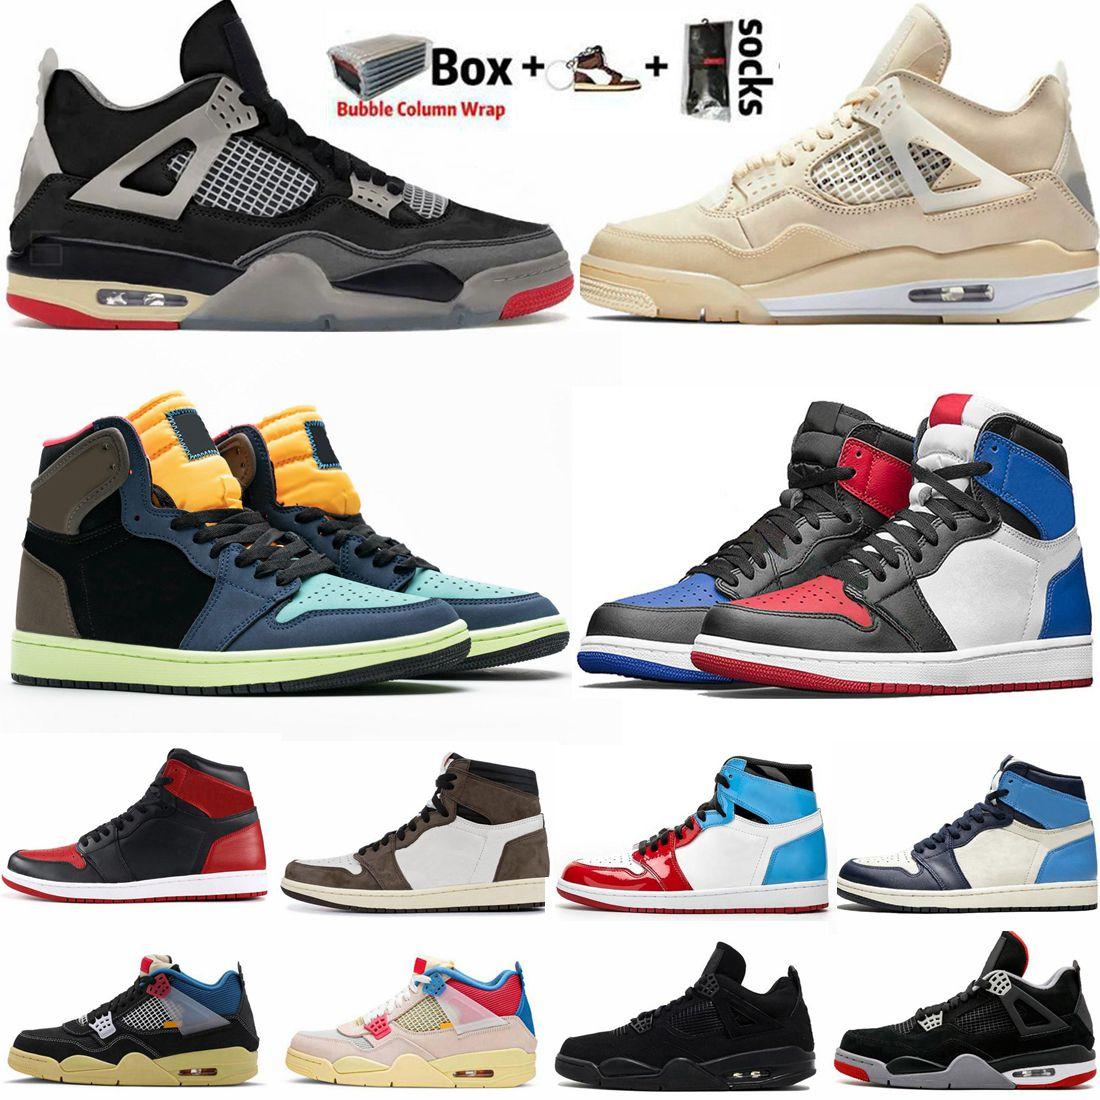 Erkek Basketbol Ayakkabı Kara Kedi 4 4s Birliği Yelken Guava Buz Kadınlar Sneakers Bred Ne 1 1s Travis Scotts Obsidian UNC Korkusuz Büküm